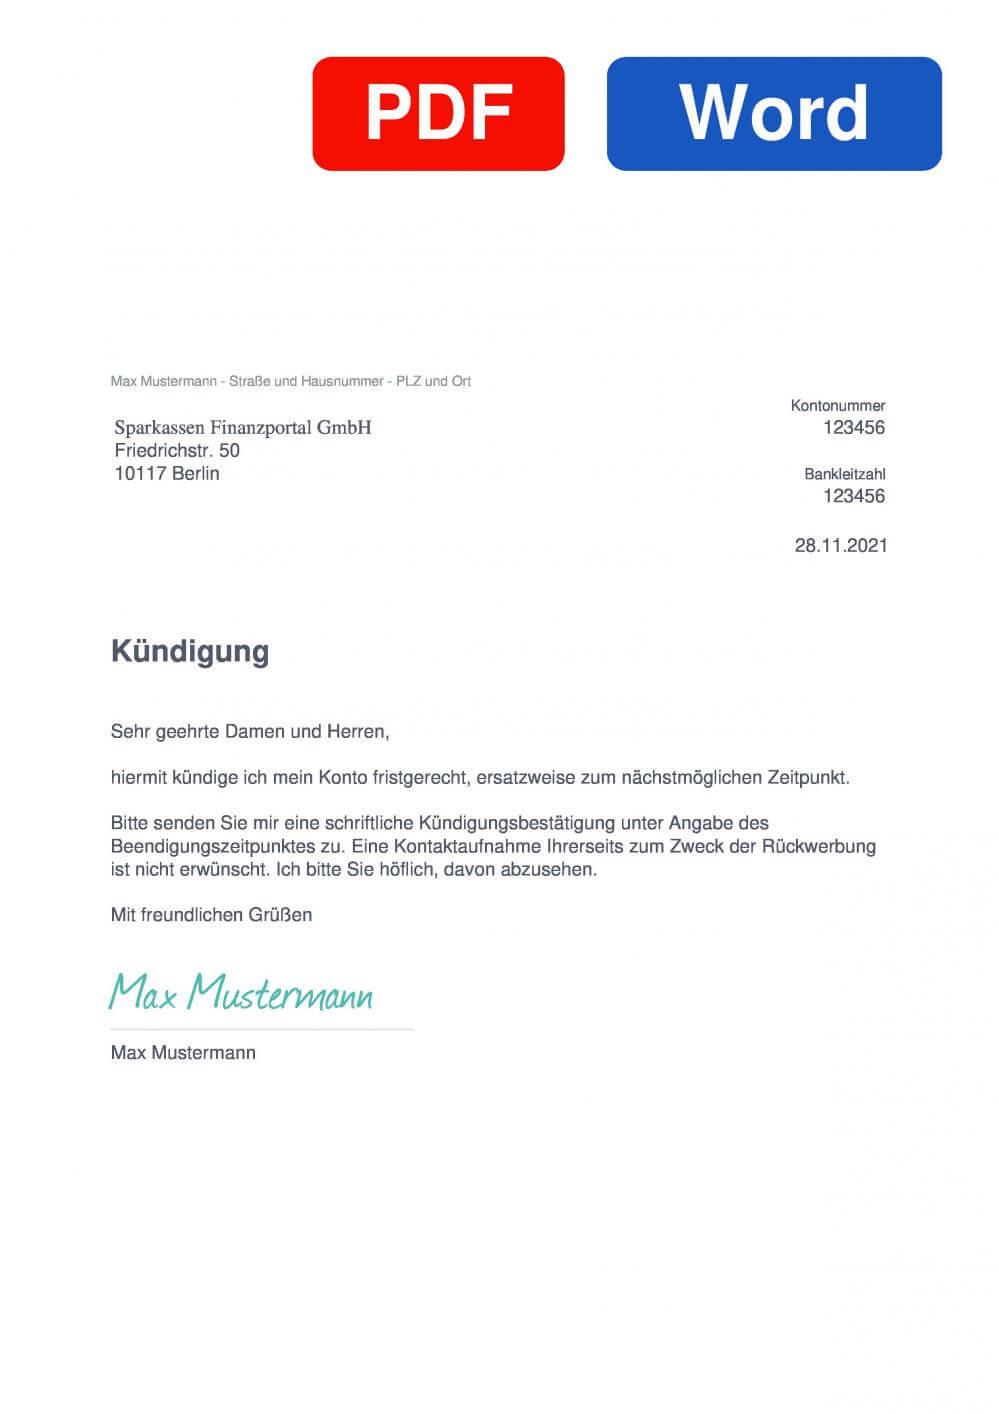 Sparkasse Lose Muster Vorlage für Kündigungsschreiben